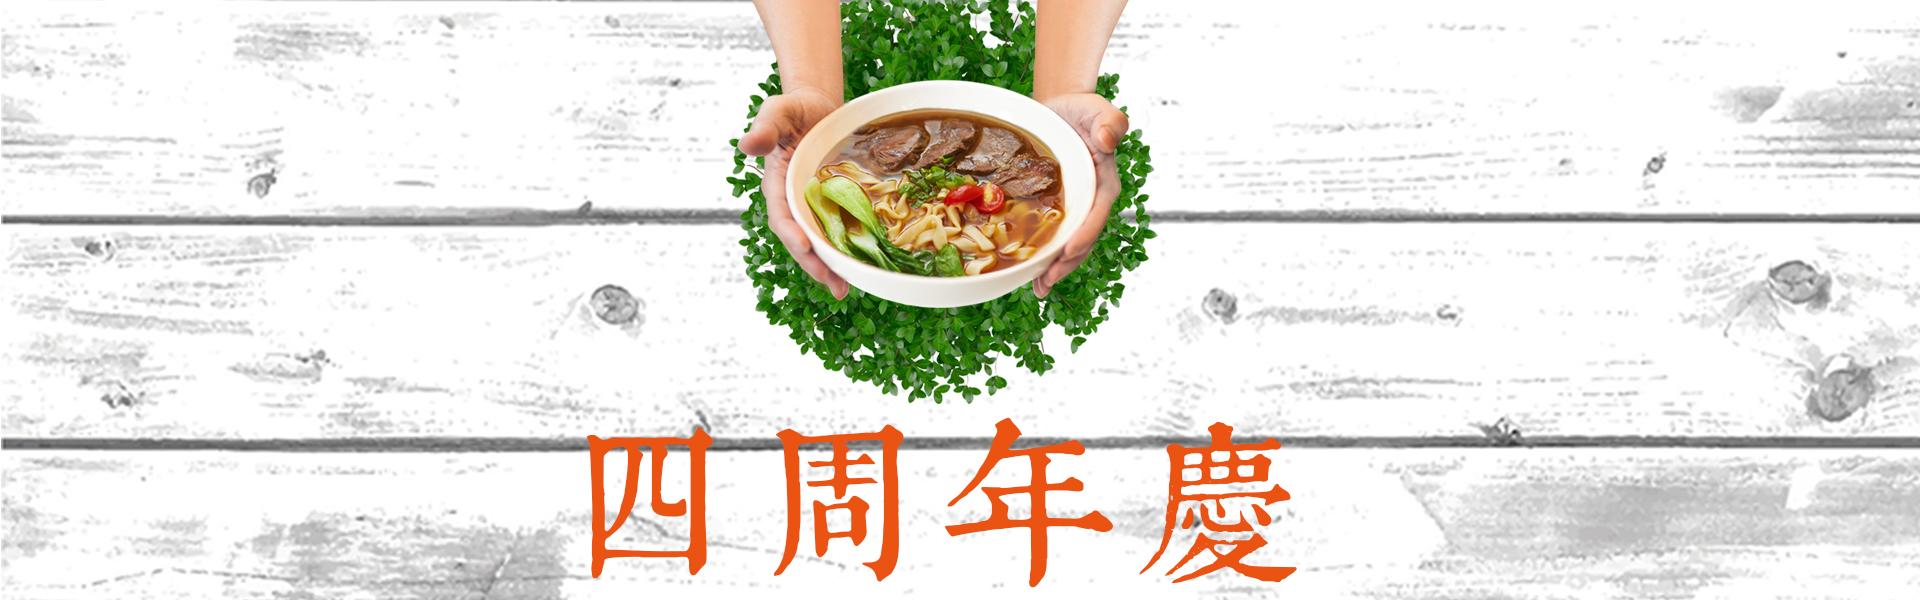 勝利廚房 周年慶  任選四件 送 辛甘香辣醬